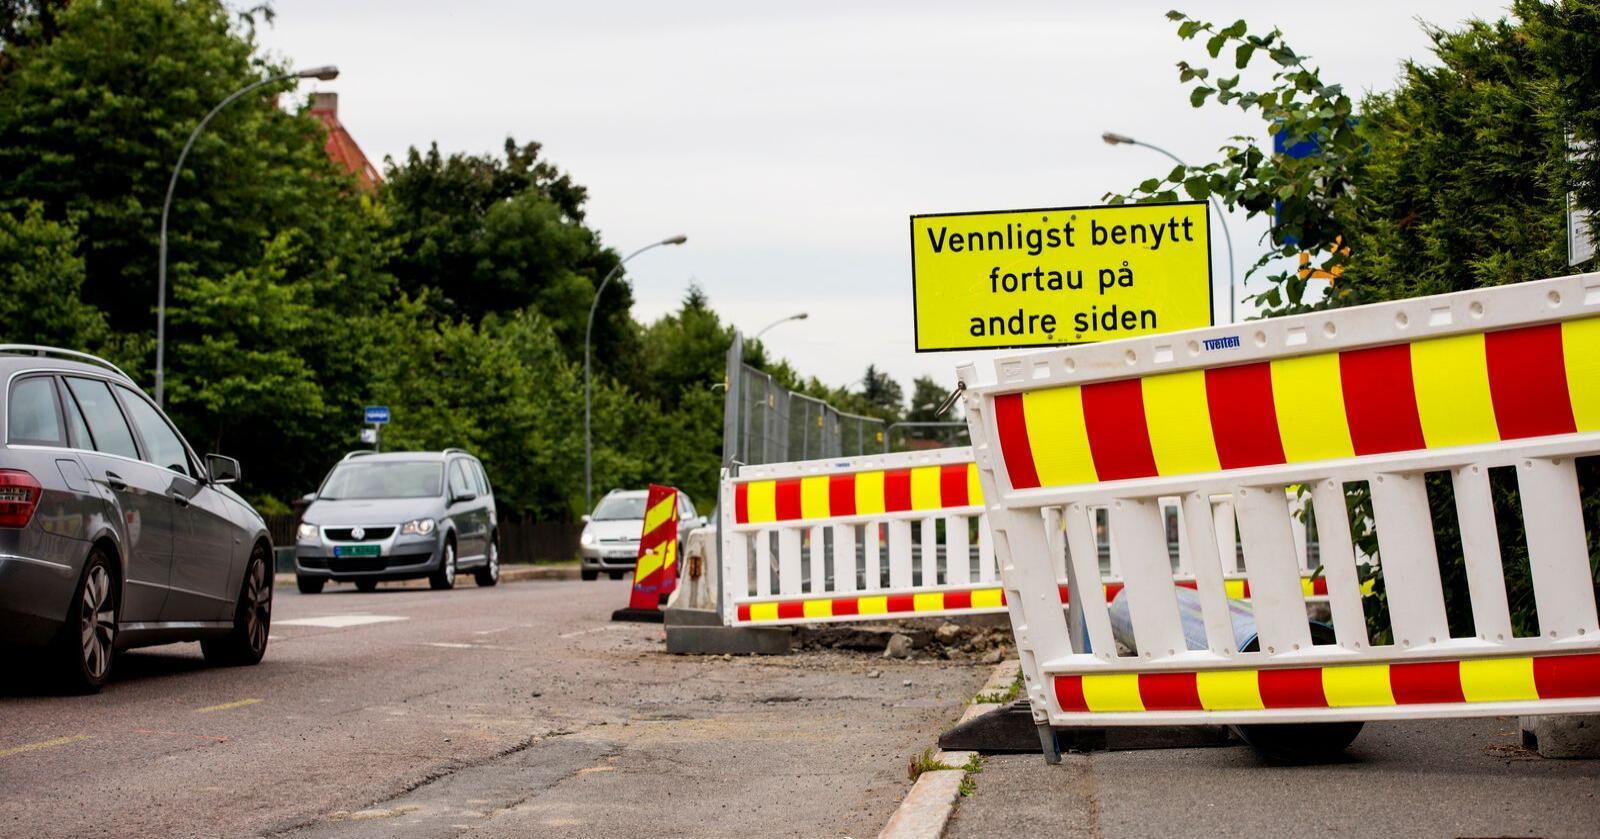 Kommunenes utgifter til vei økte i fjor. Foto: Fredrik Varfjell / NTB scanpix